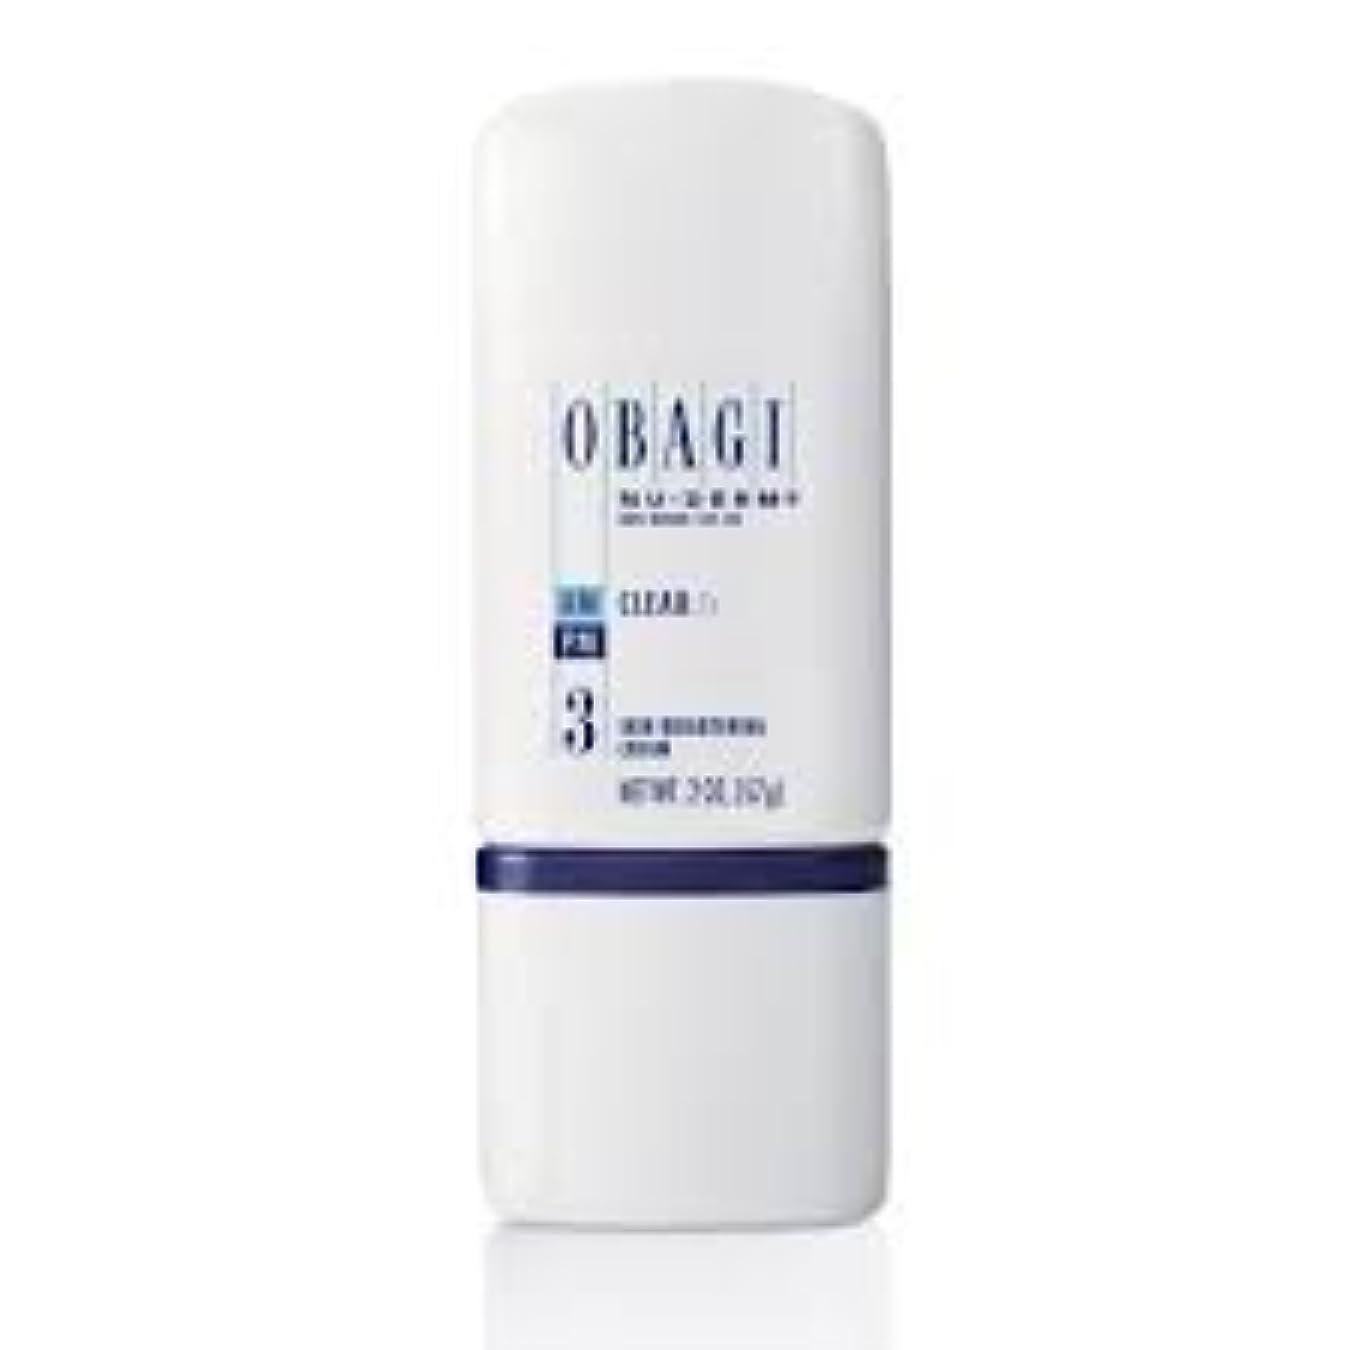 量アドバンテージ始まりObagi Nu Derm Clear Fx Skin Brightening Cream 2 oz/57.gオバジクリーム [並行輸入品]